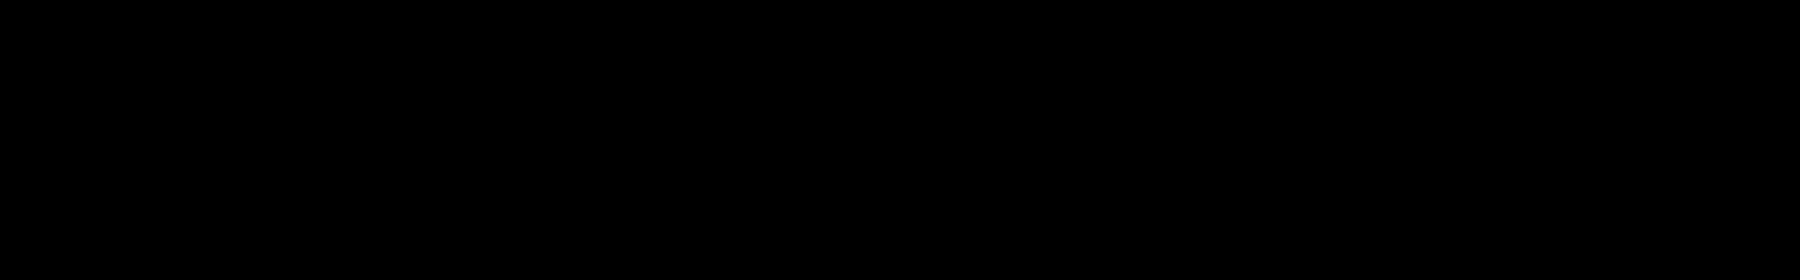 RAUL MEZCOLANZA & ENVEL SOUNDS audio waveform